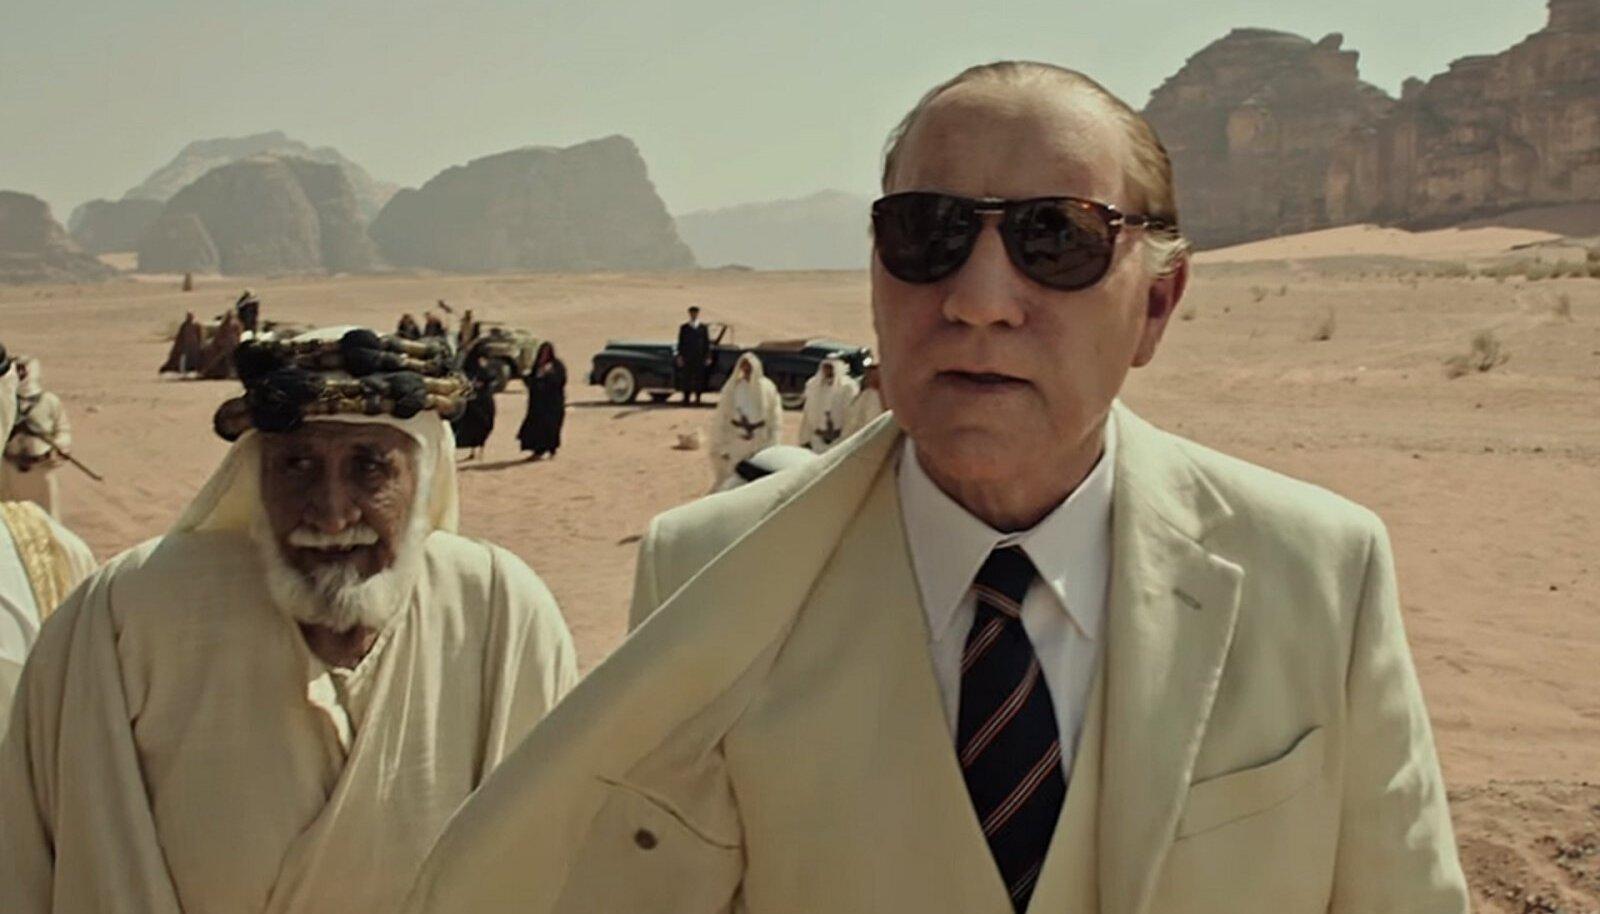 Kevin Spacey lõigati tema uuesti filmist välja ja asendati Christopher Plummeriga.